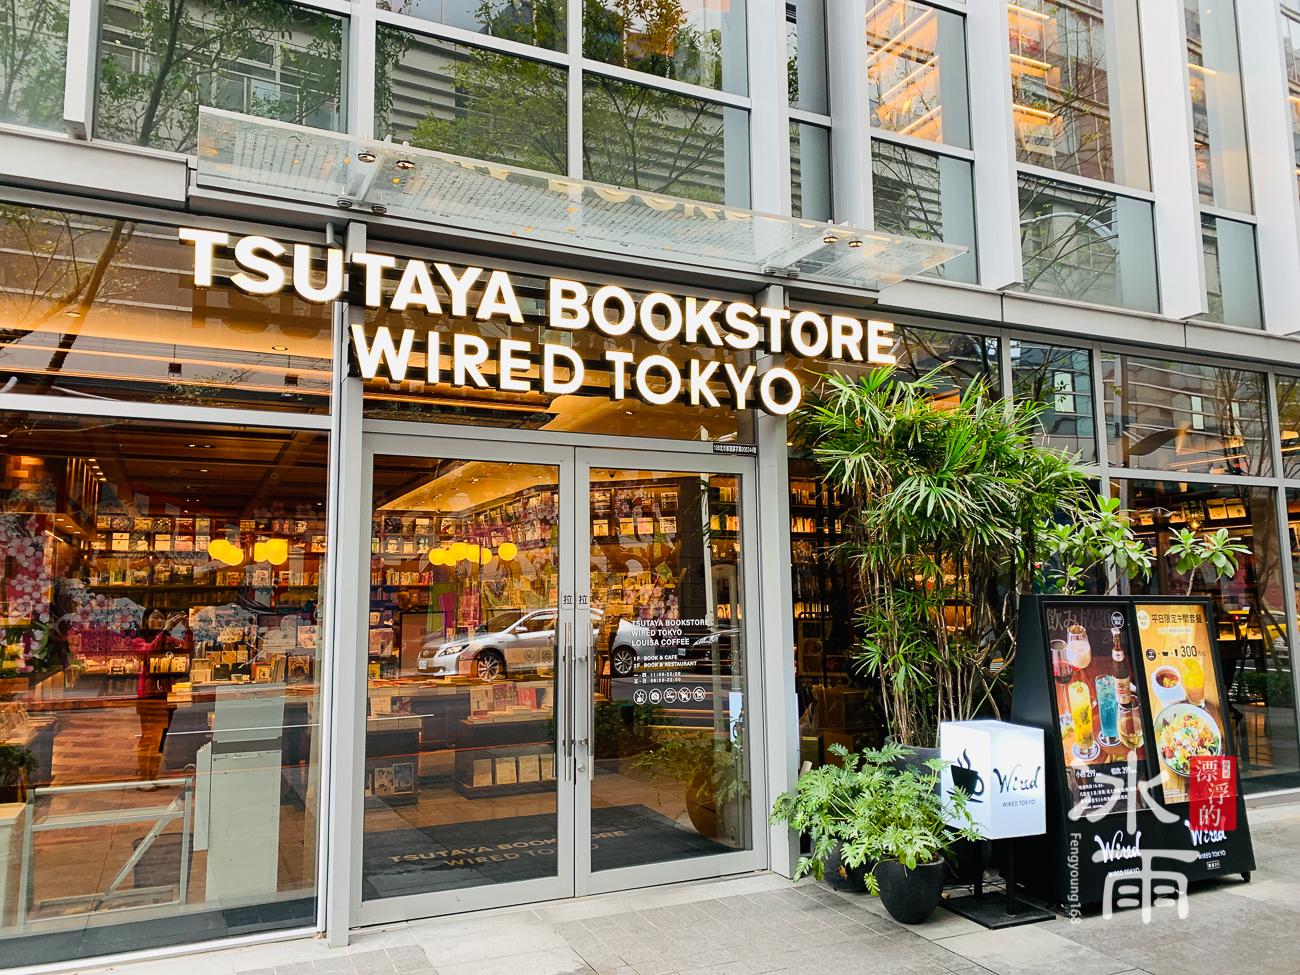 【蔦屋書店松山店】2020交通位置|台北最美書店No.2設計|2間店中店小巧可愛的日本書店